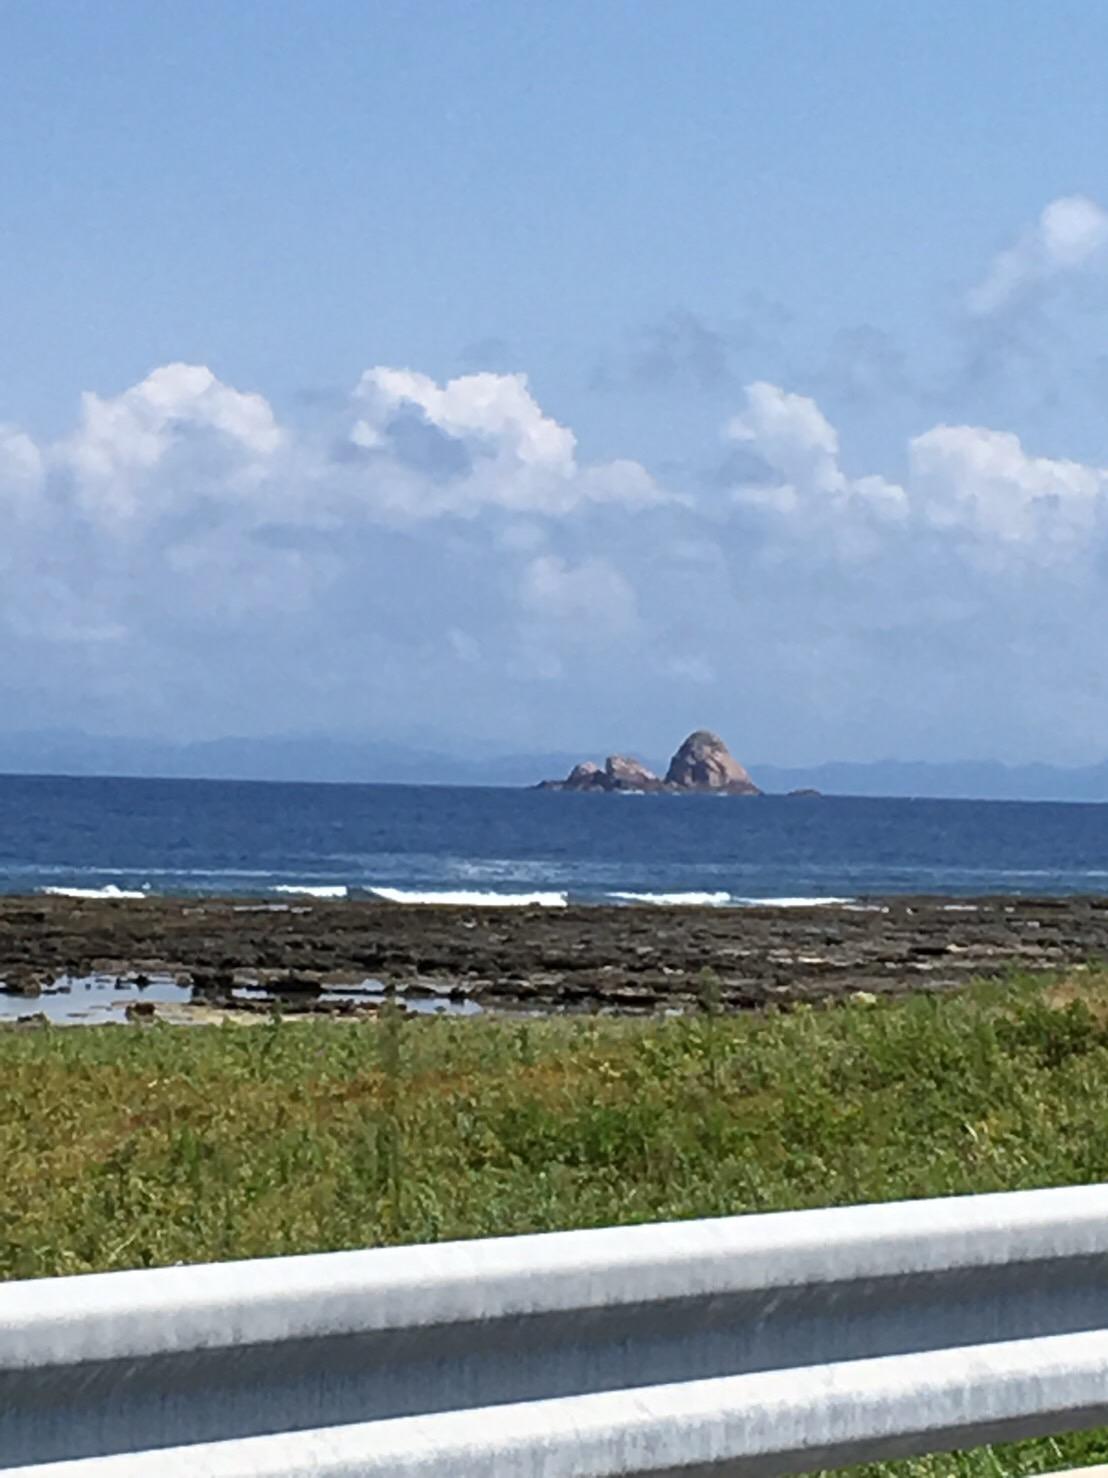 手々~金見のリーフとトンバラ岩の釣り場紹介、鹿児島徳之島南国でショアからGT狙いと幻の沖磯